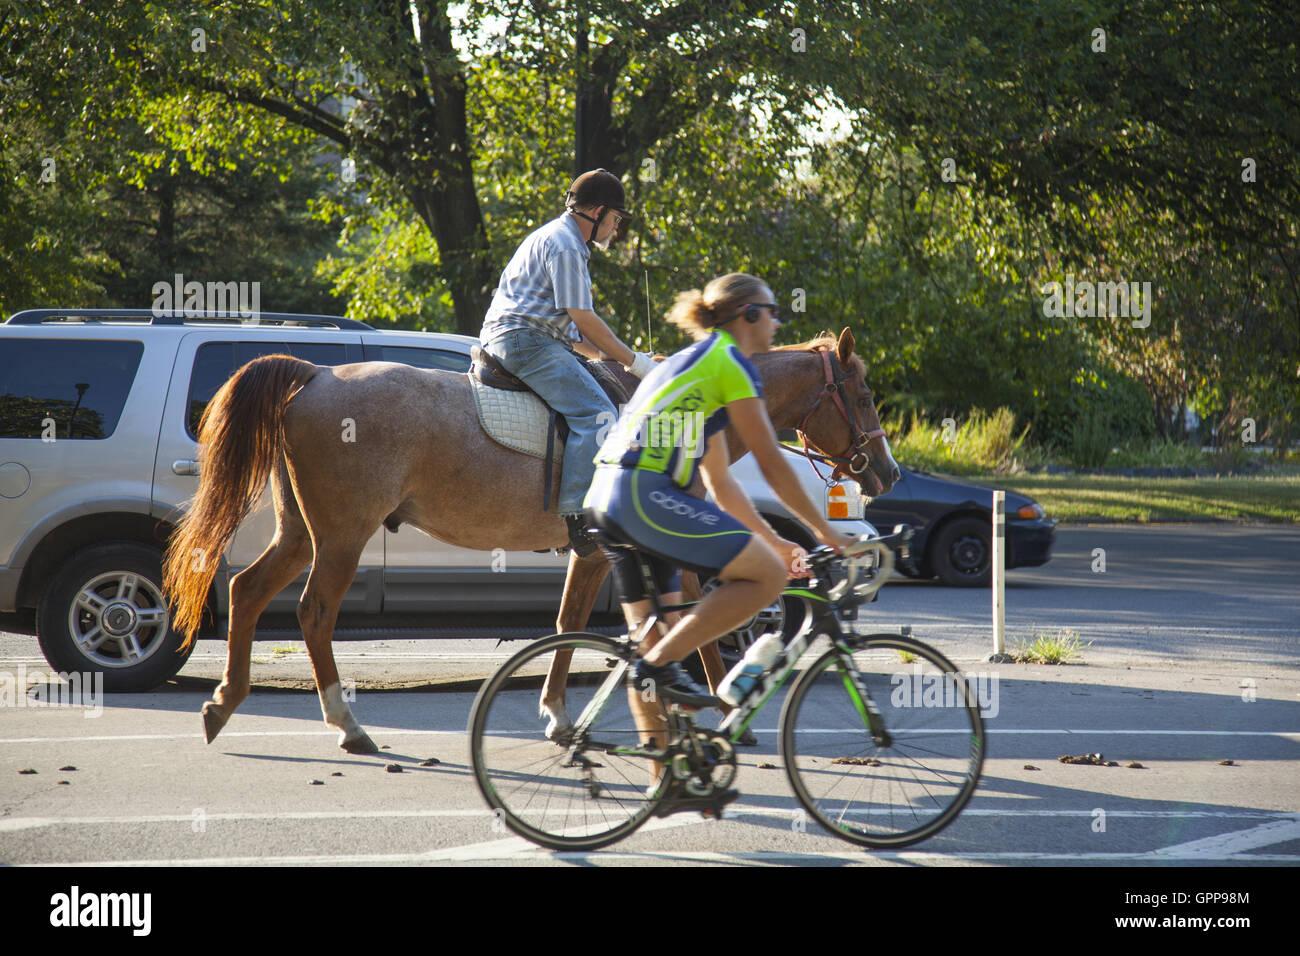 Trois modes de transport. dirigée à Prospect Park, Brooklyn, New York. Photo Stock